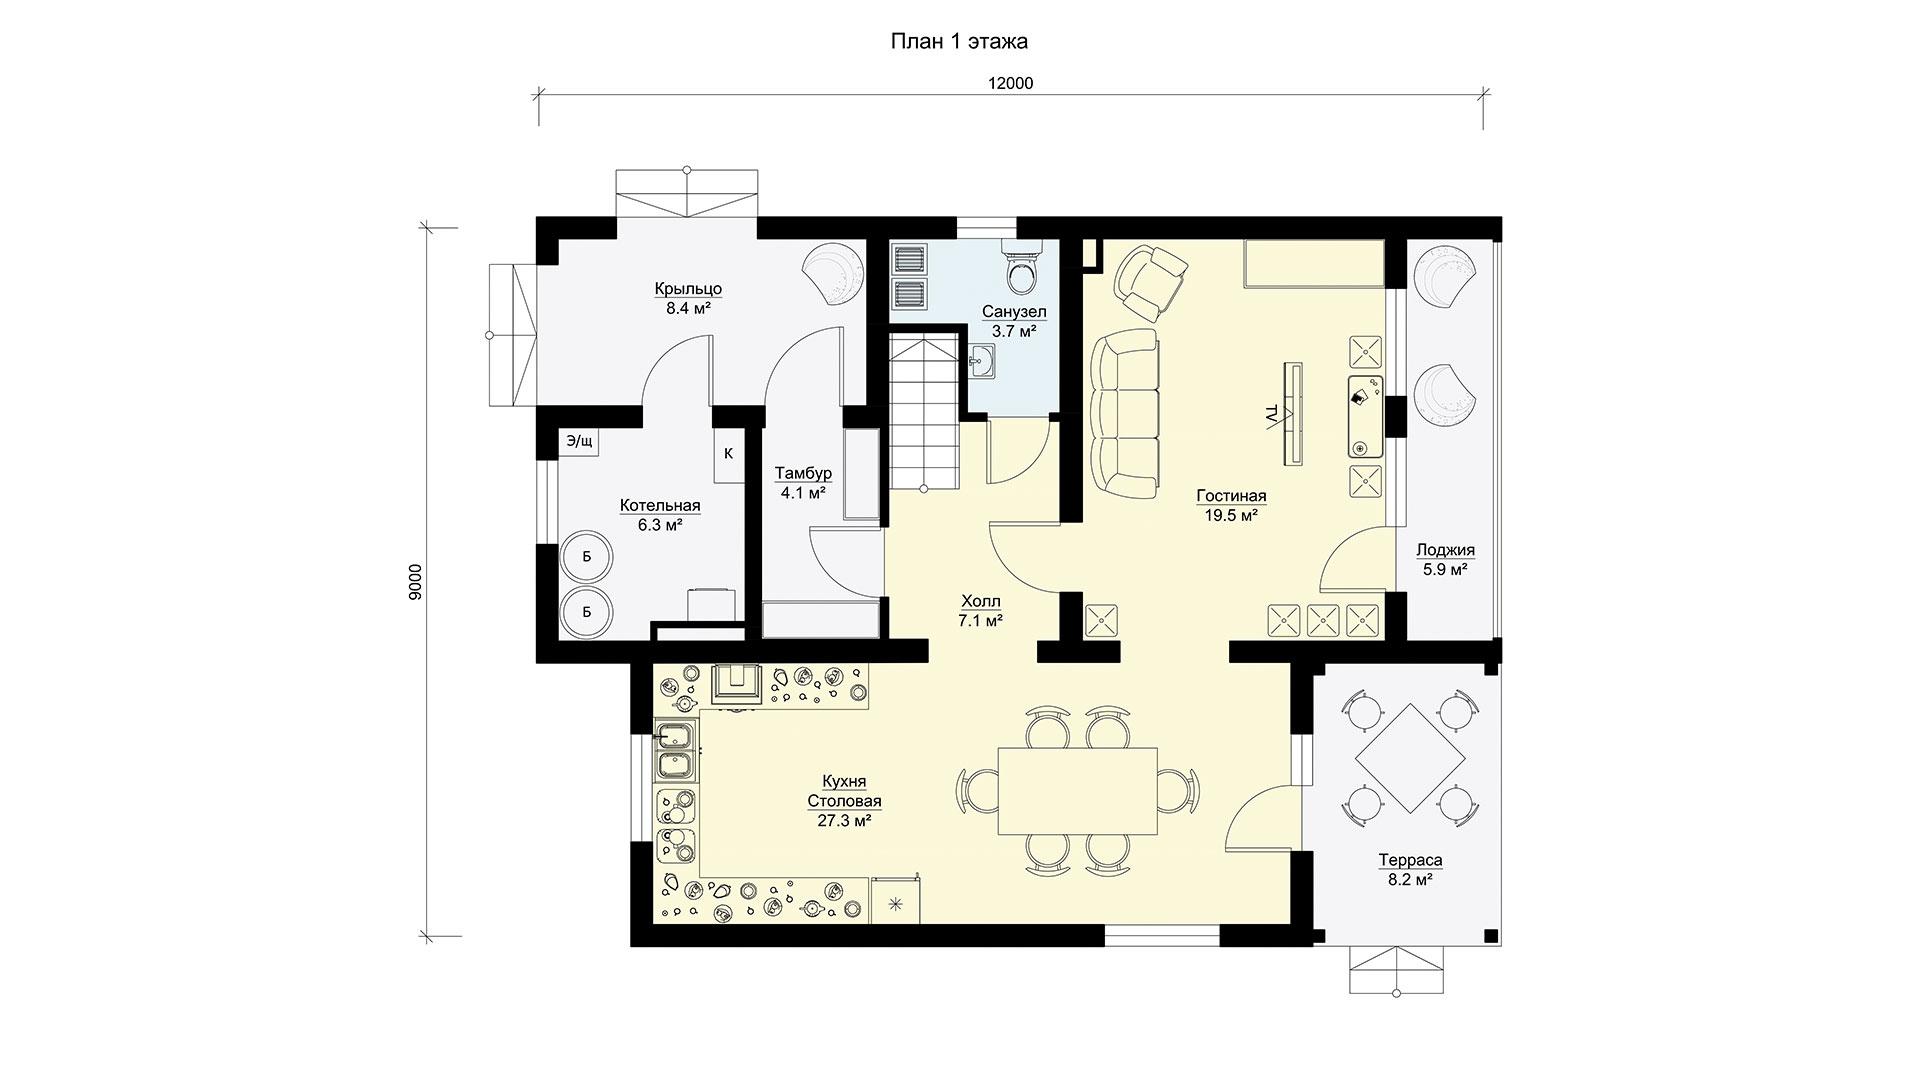 Планировка первого этажа проекта МС-202/2